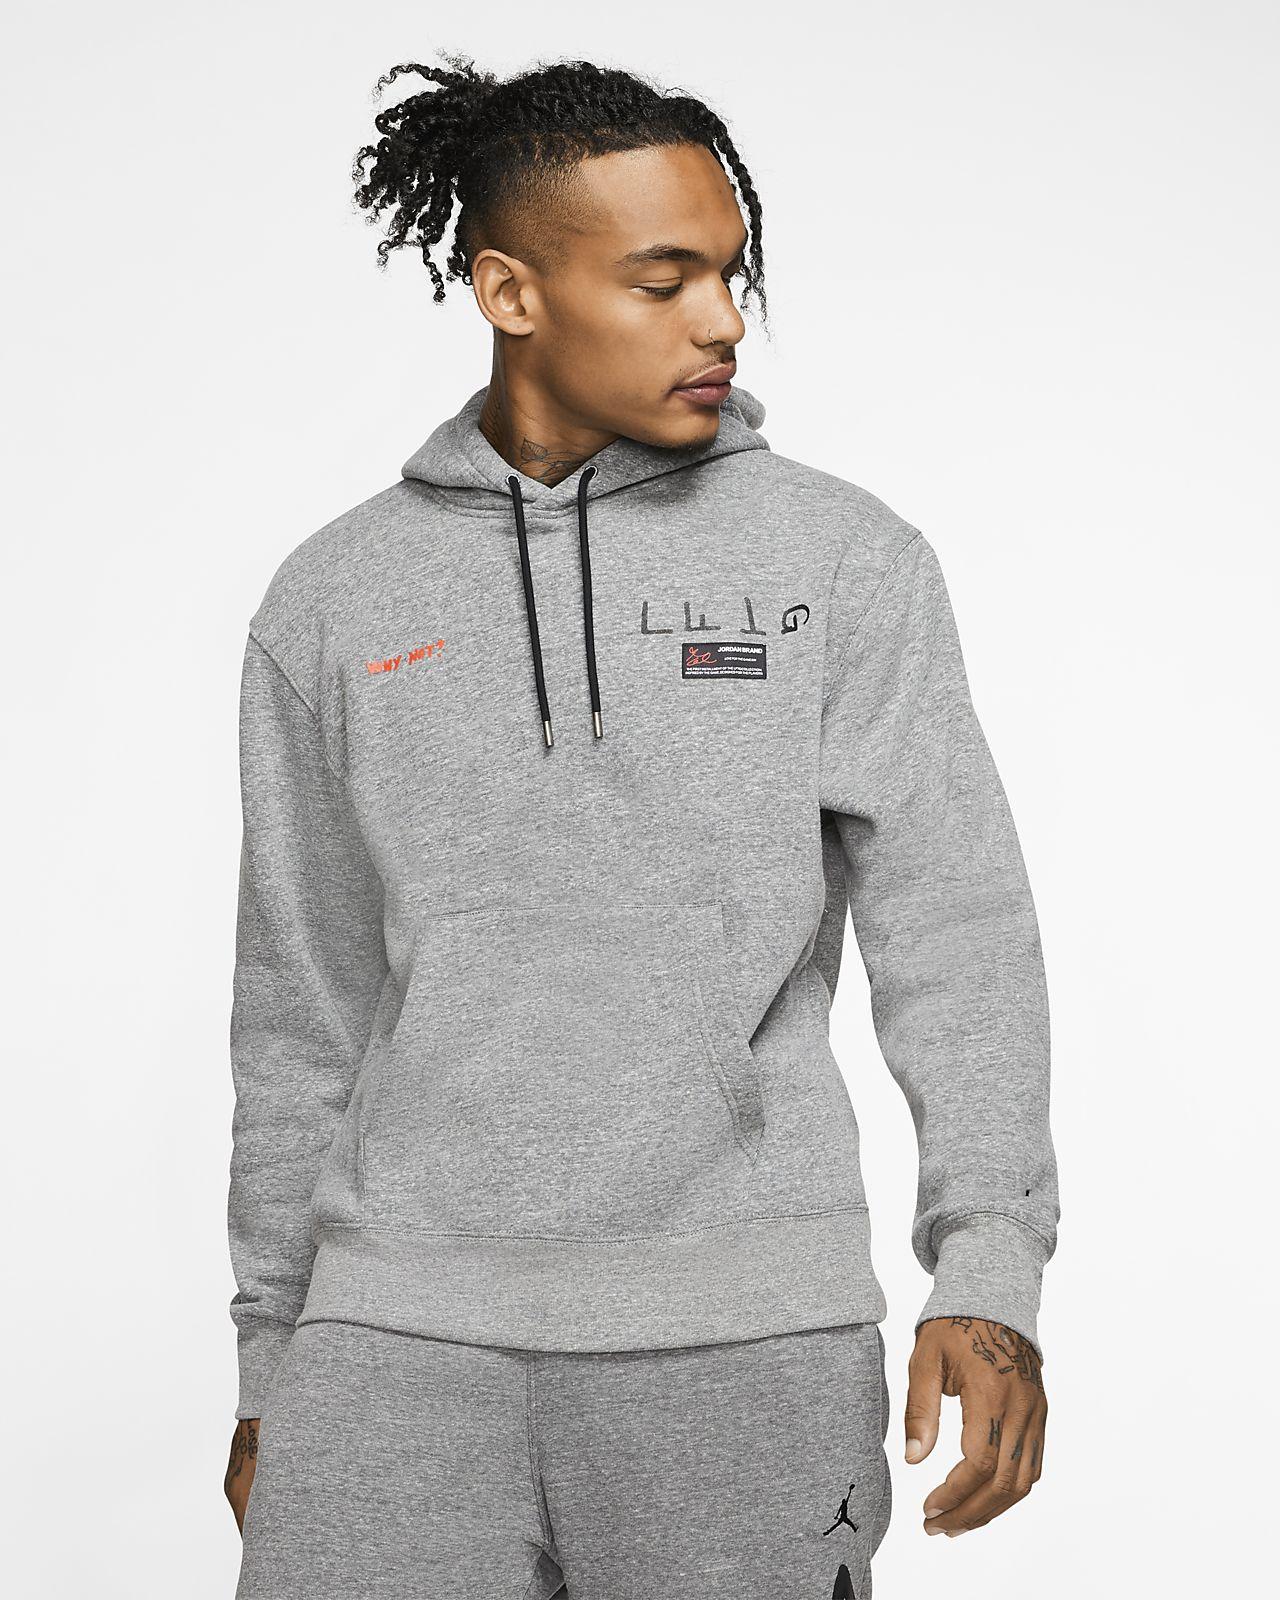 Jordan x Russell Westbrook Why Not? Men's Fleece Sweatshirt